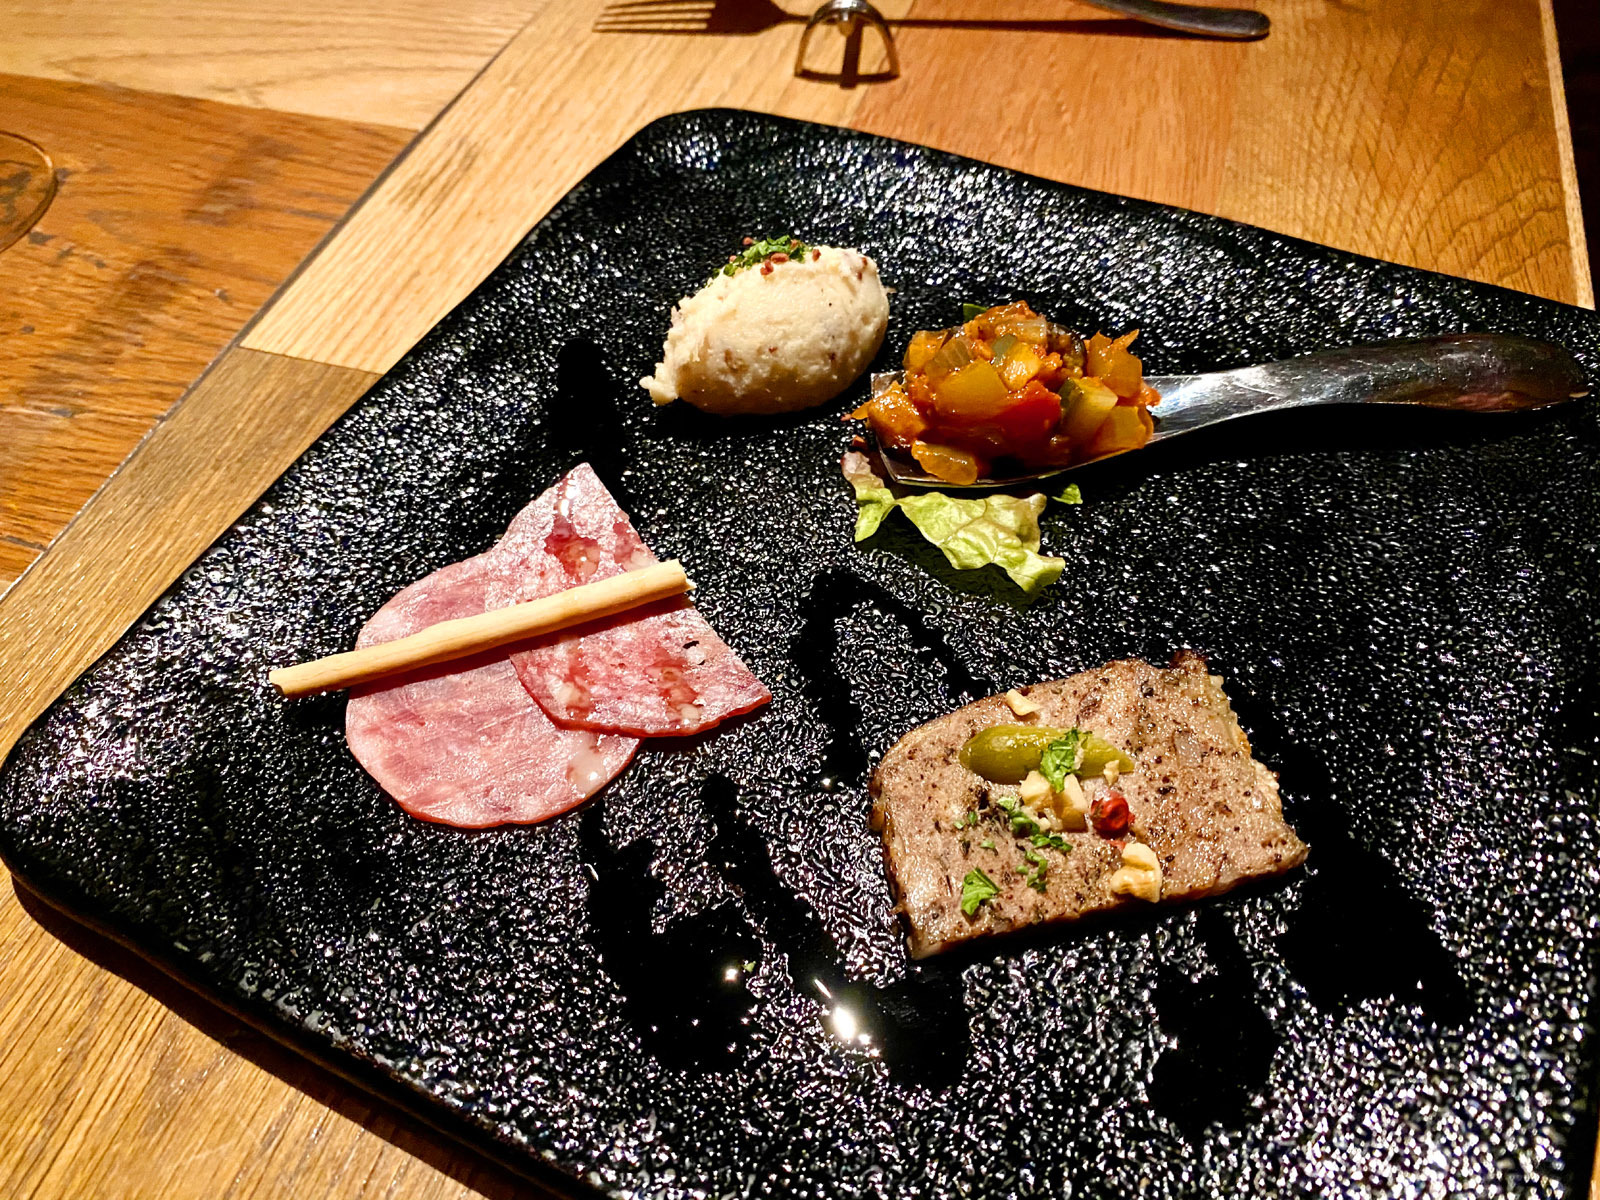 足袋のTOBICHI お肉と旬野菜の前菜4種盛り